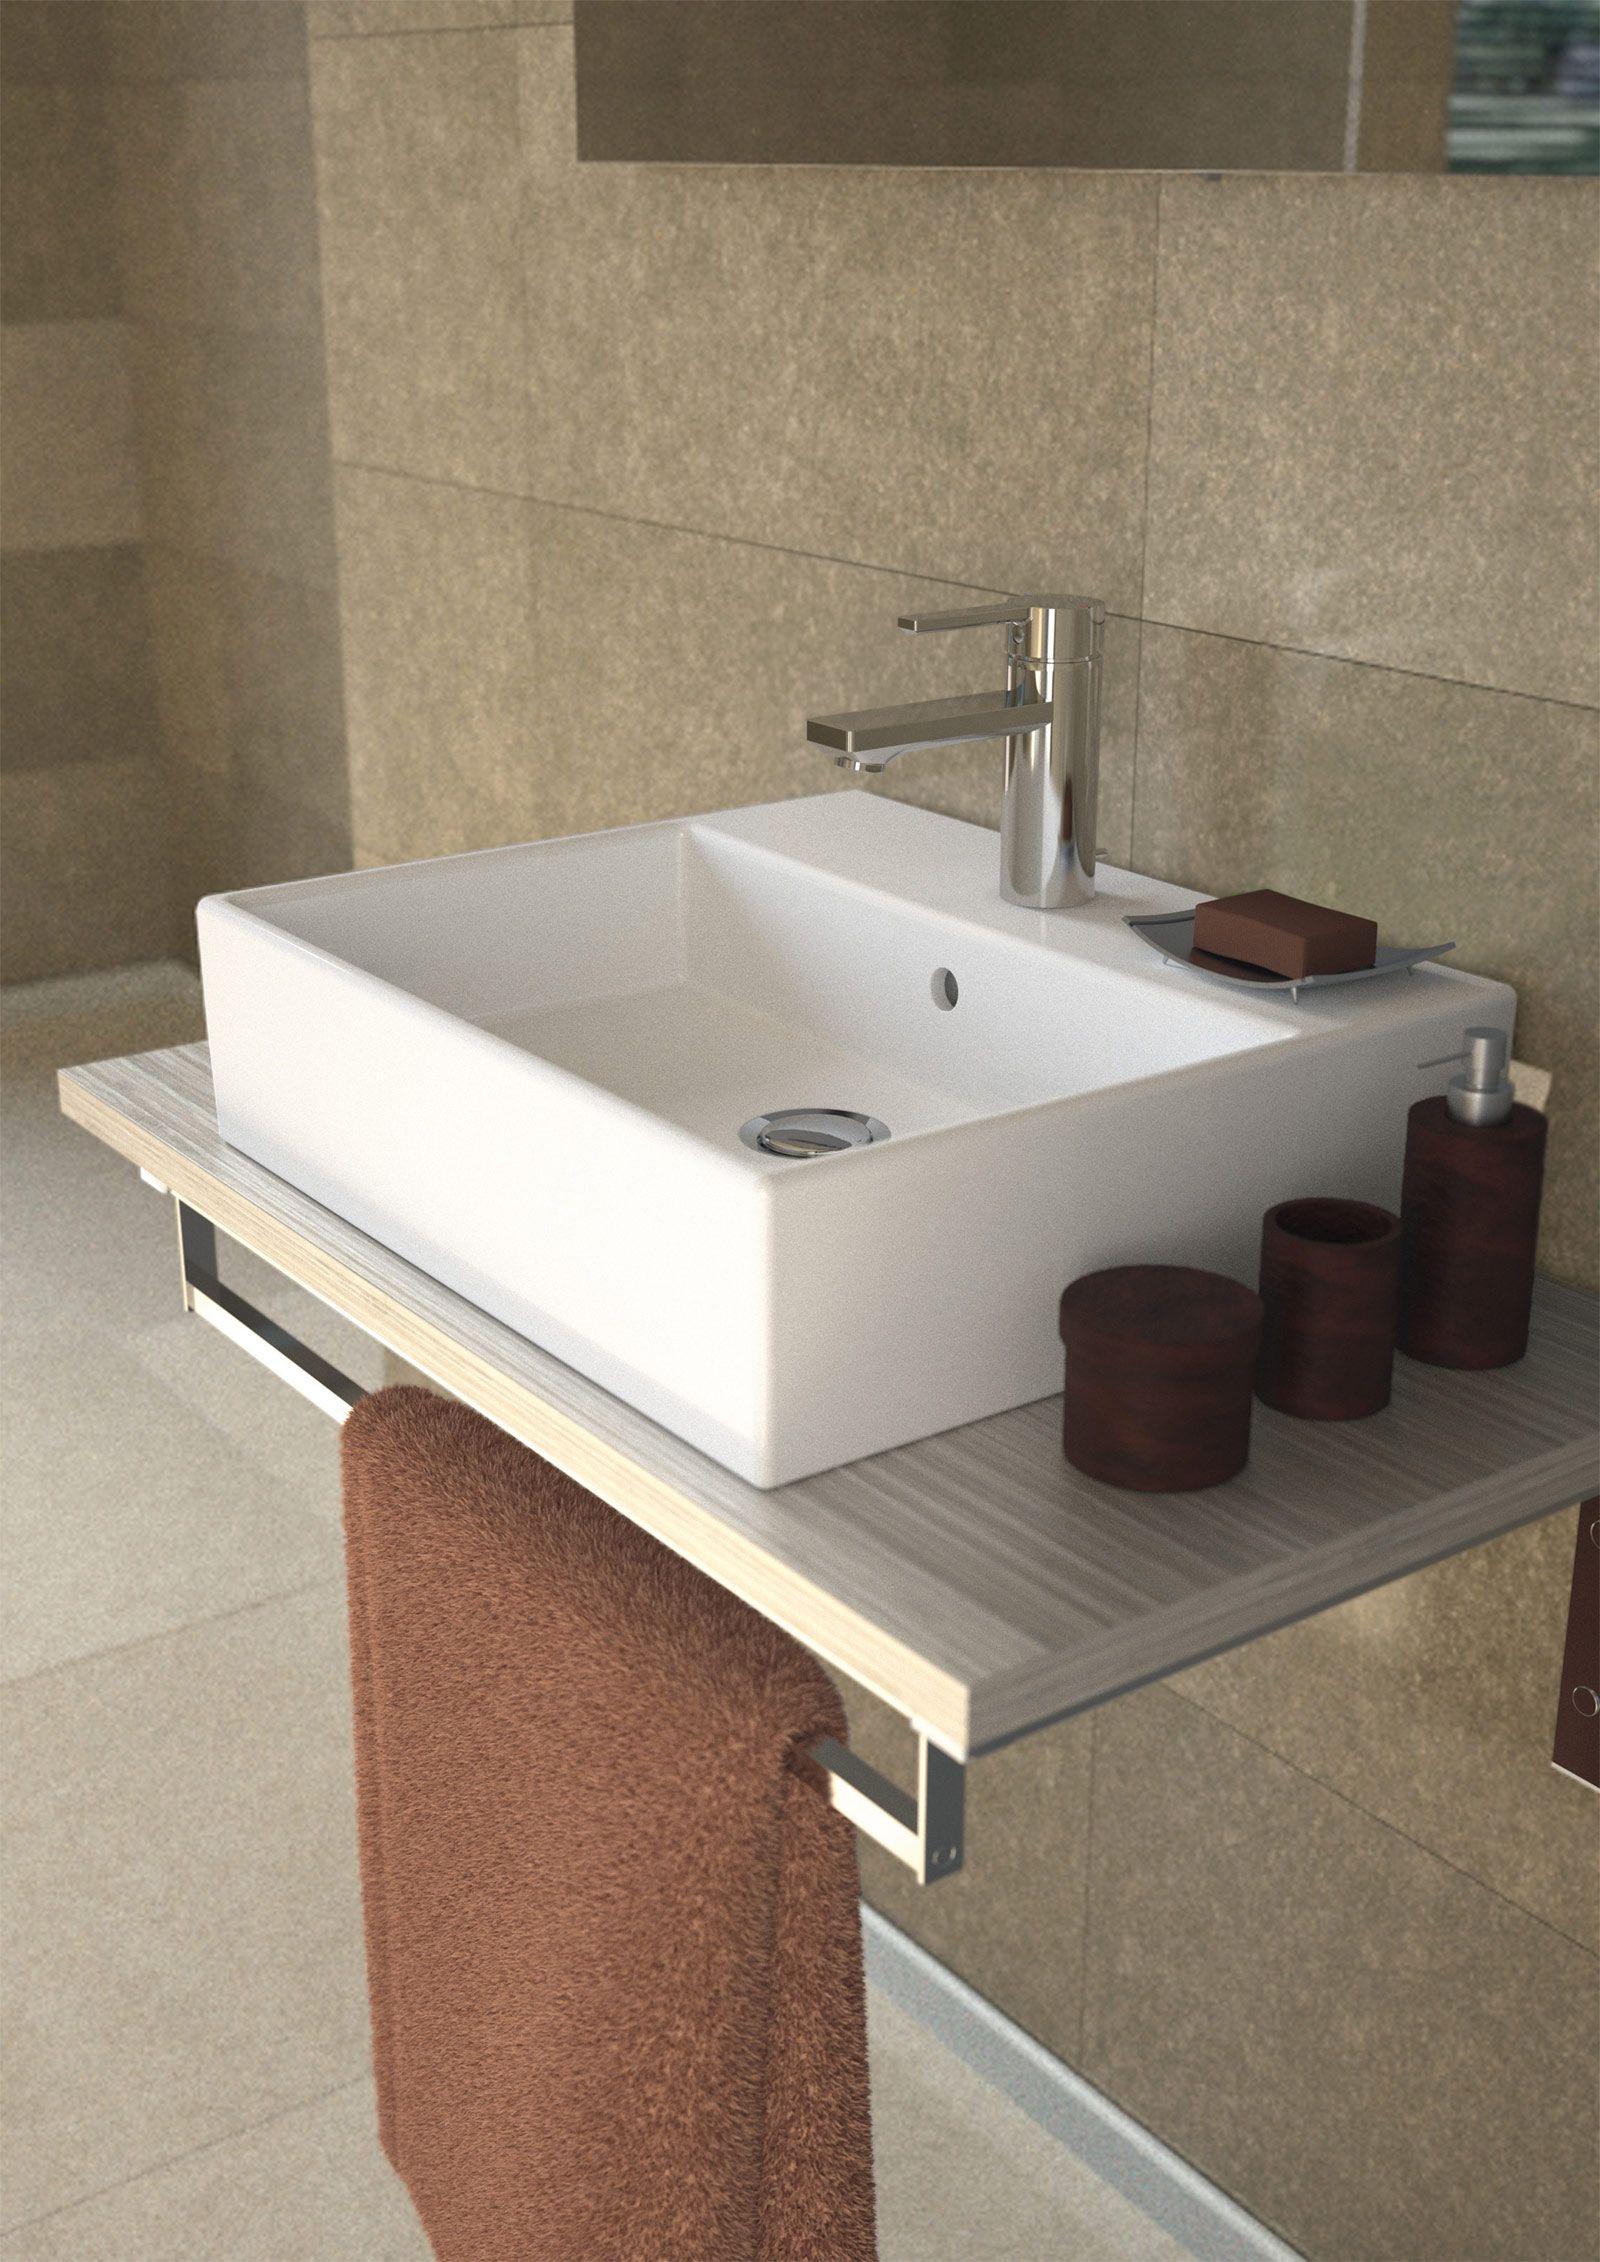 il lavabo con troppopieno in ceramica bianca strada di ideal